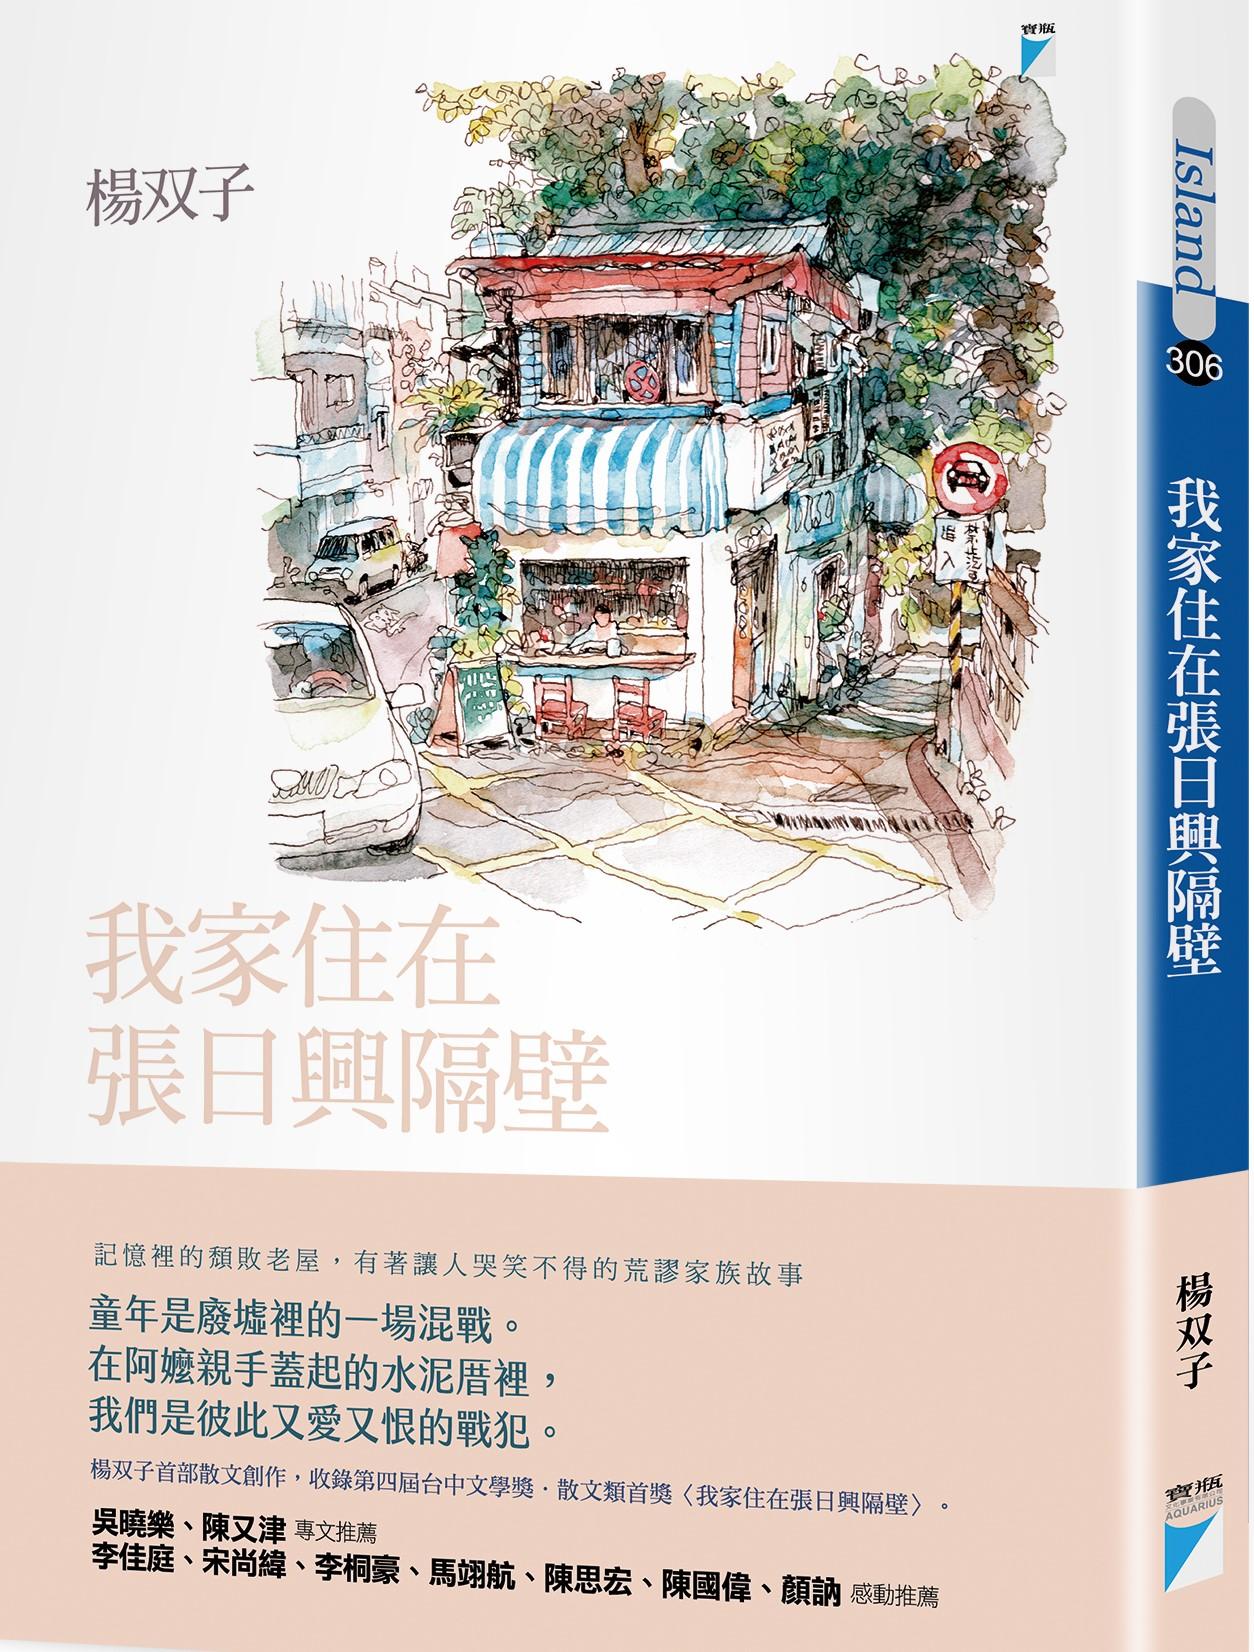 寫下來,才不會真的消失了-專訪楊双子談《我家住在張日興隔壁》